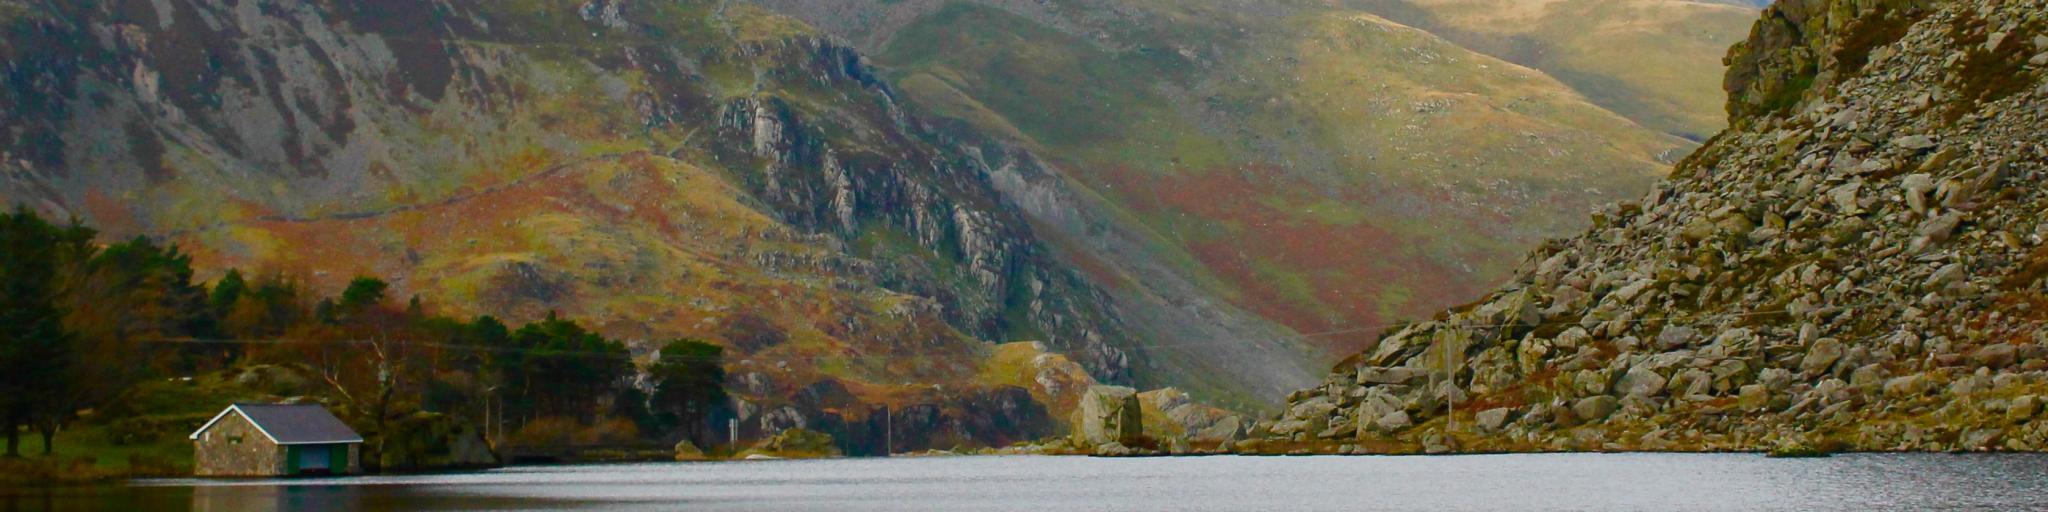 Lyn Ogwyn, Snowdonia, North Wales